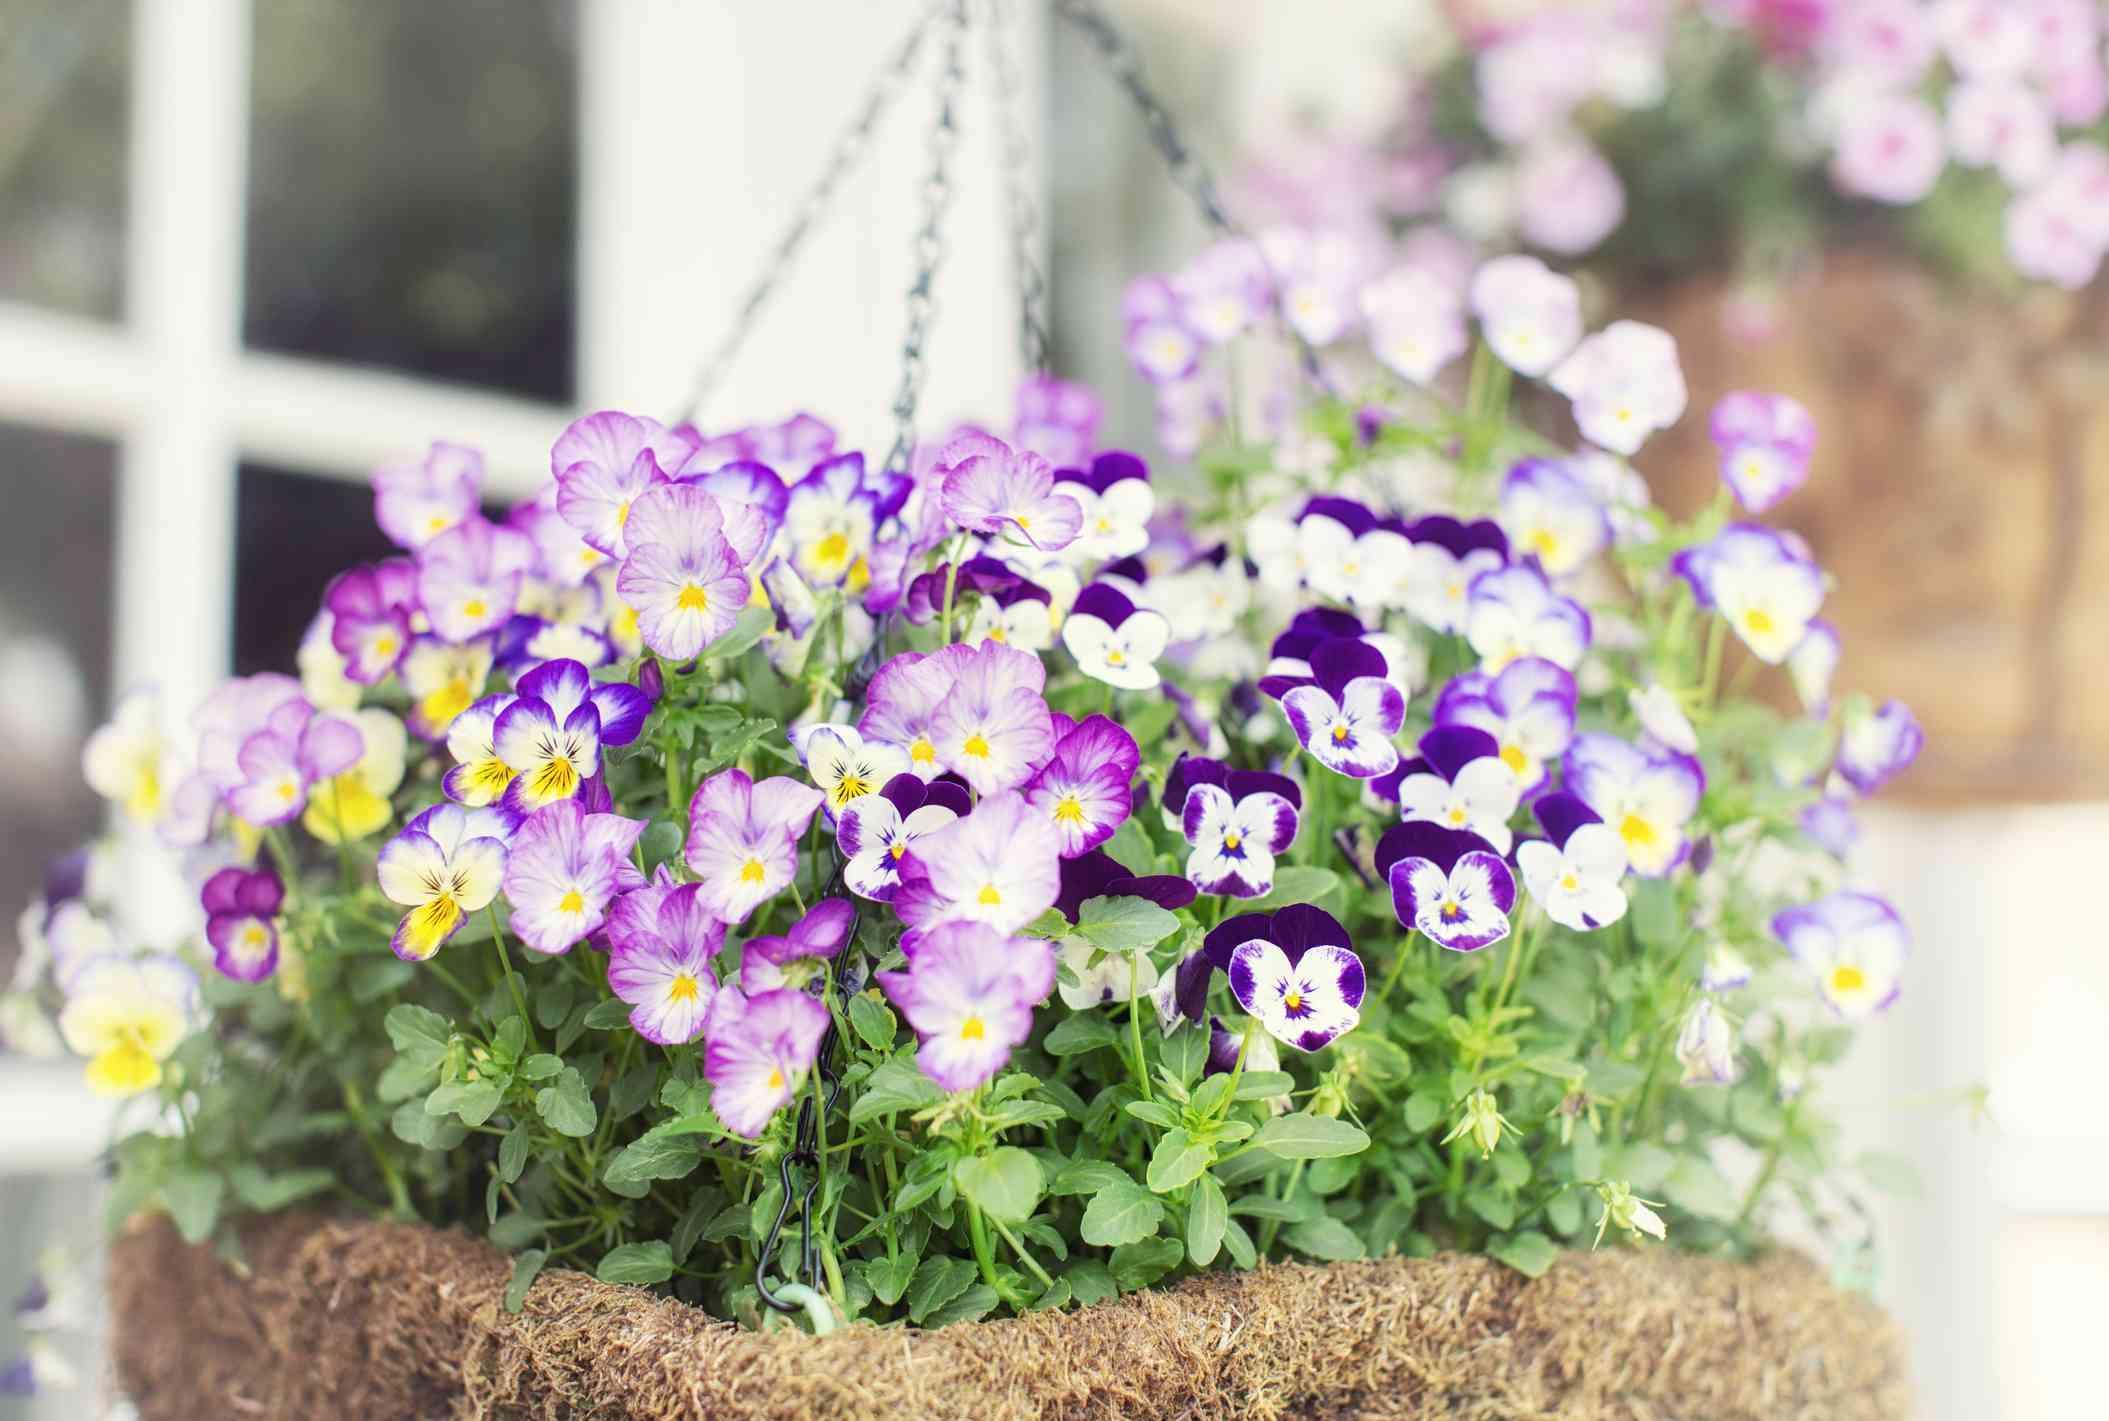 Hanging basket full of petunias.